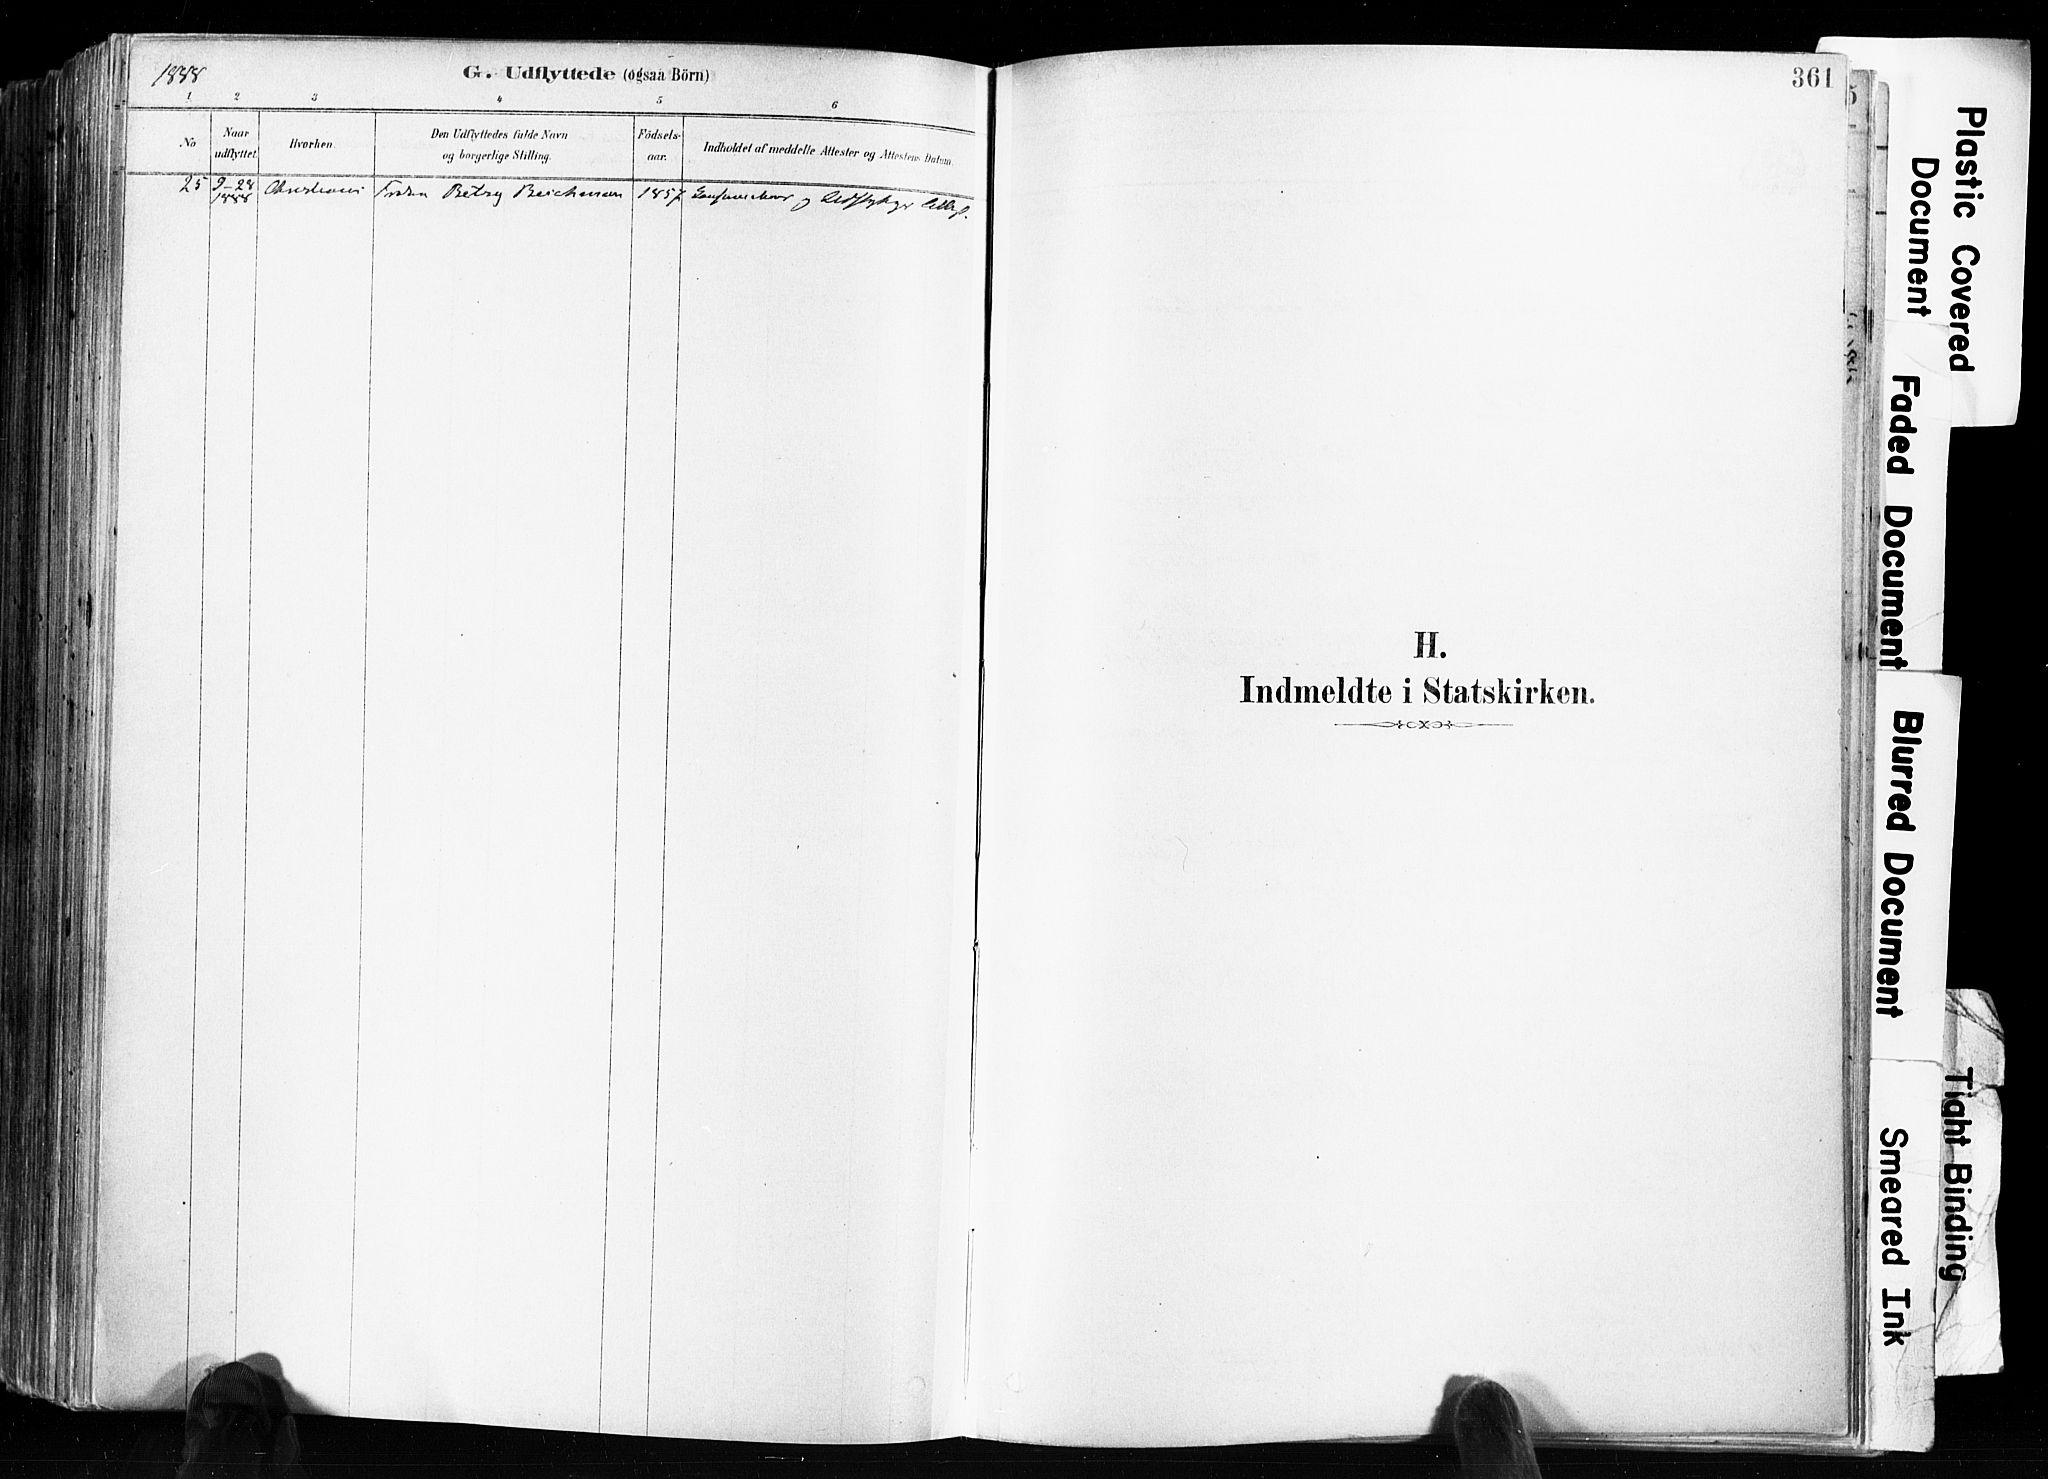 SAKO, Skien kirkebøker, F/Fa/L0009: Ministerialbok nr. 9, 1878-1890, s. 361